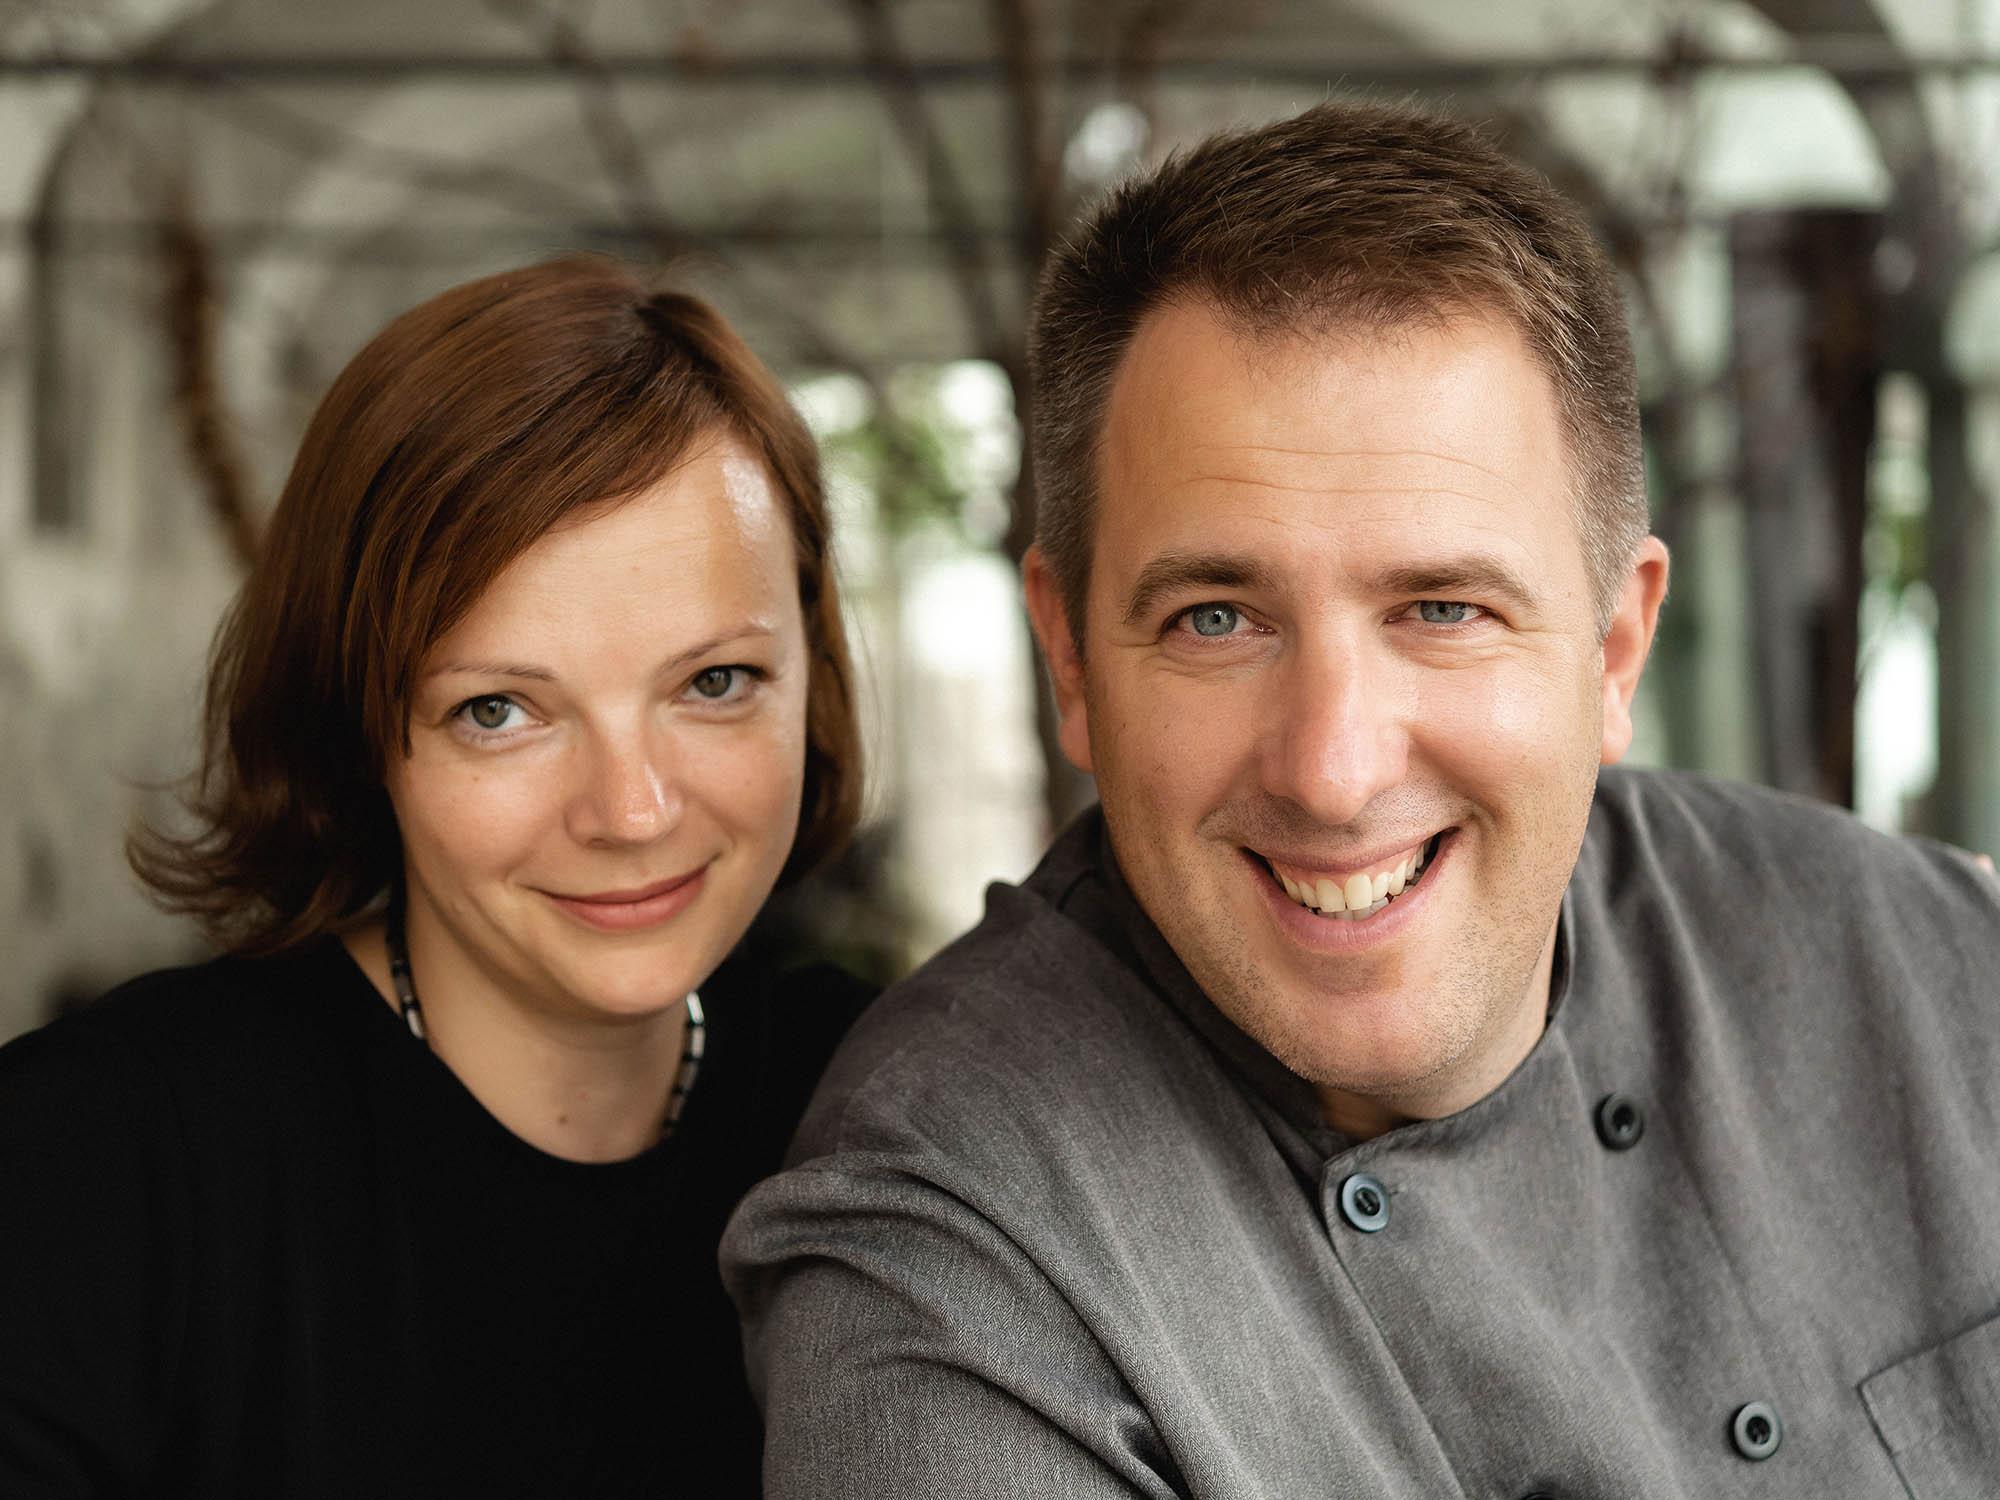 Tanja and Damjan Fink